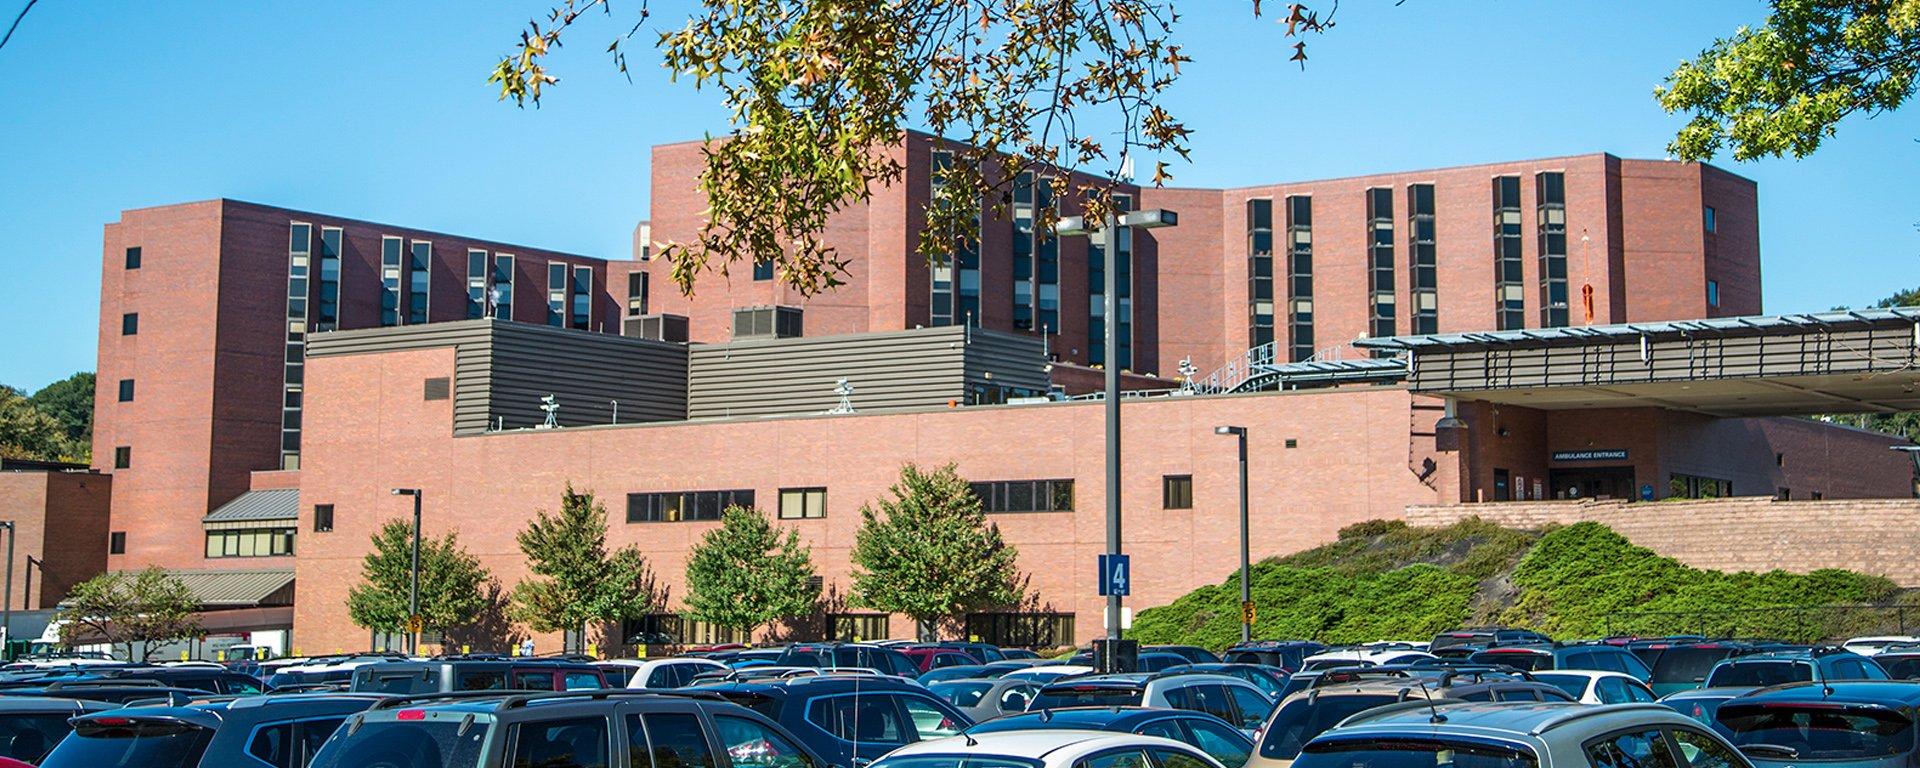 St. Margaret Hospital